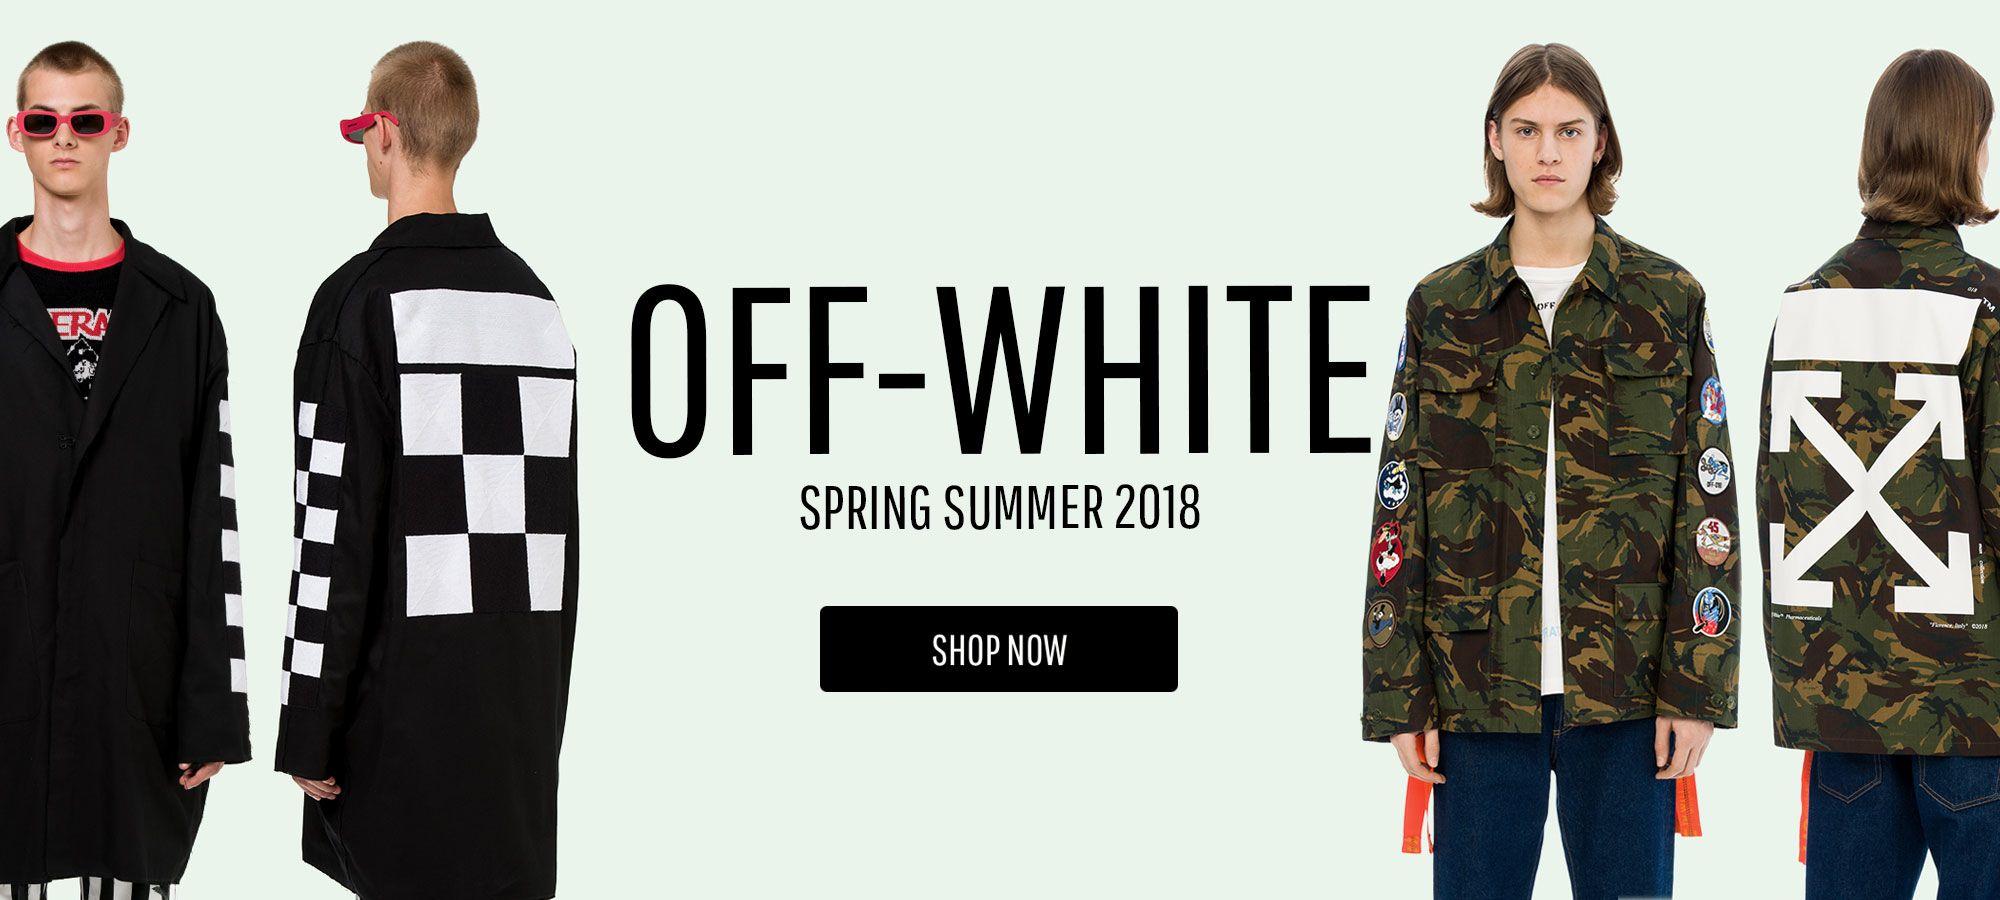 Off White Men - Spring Summer 2018